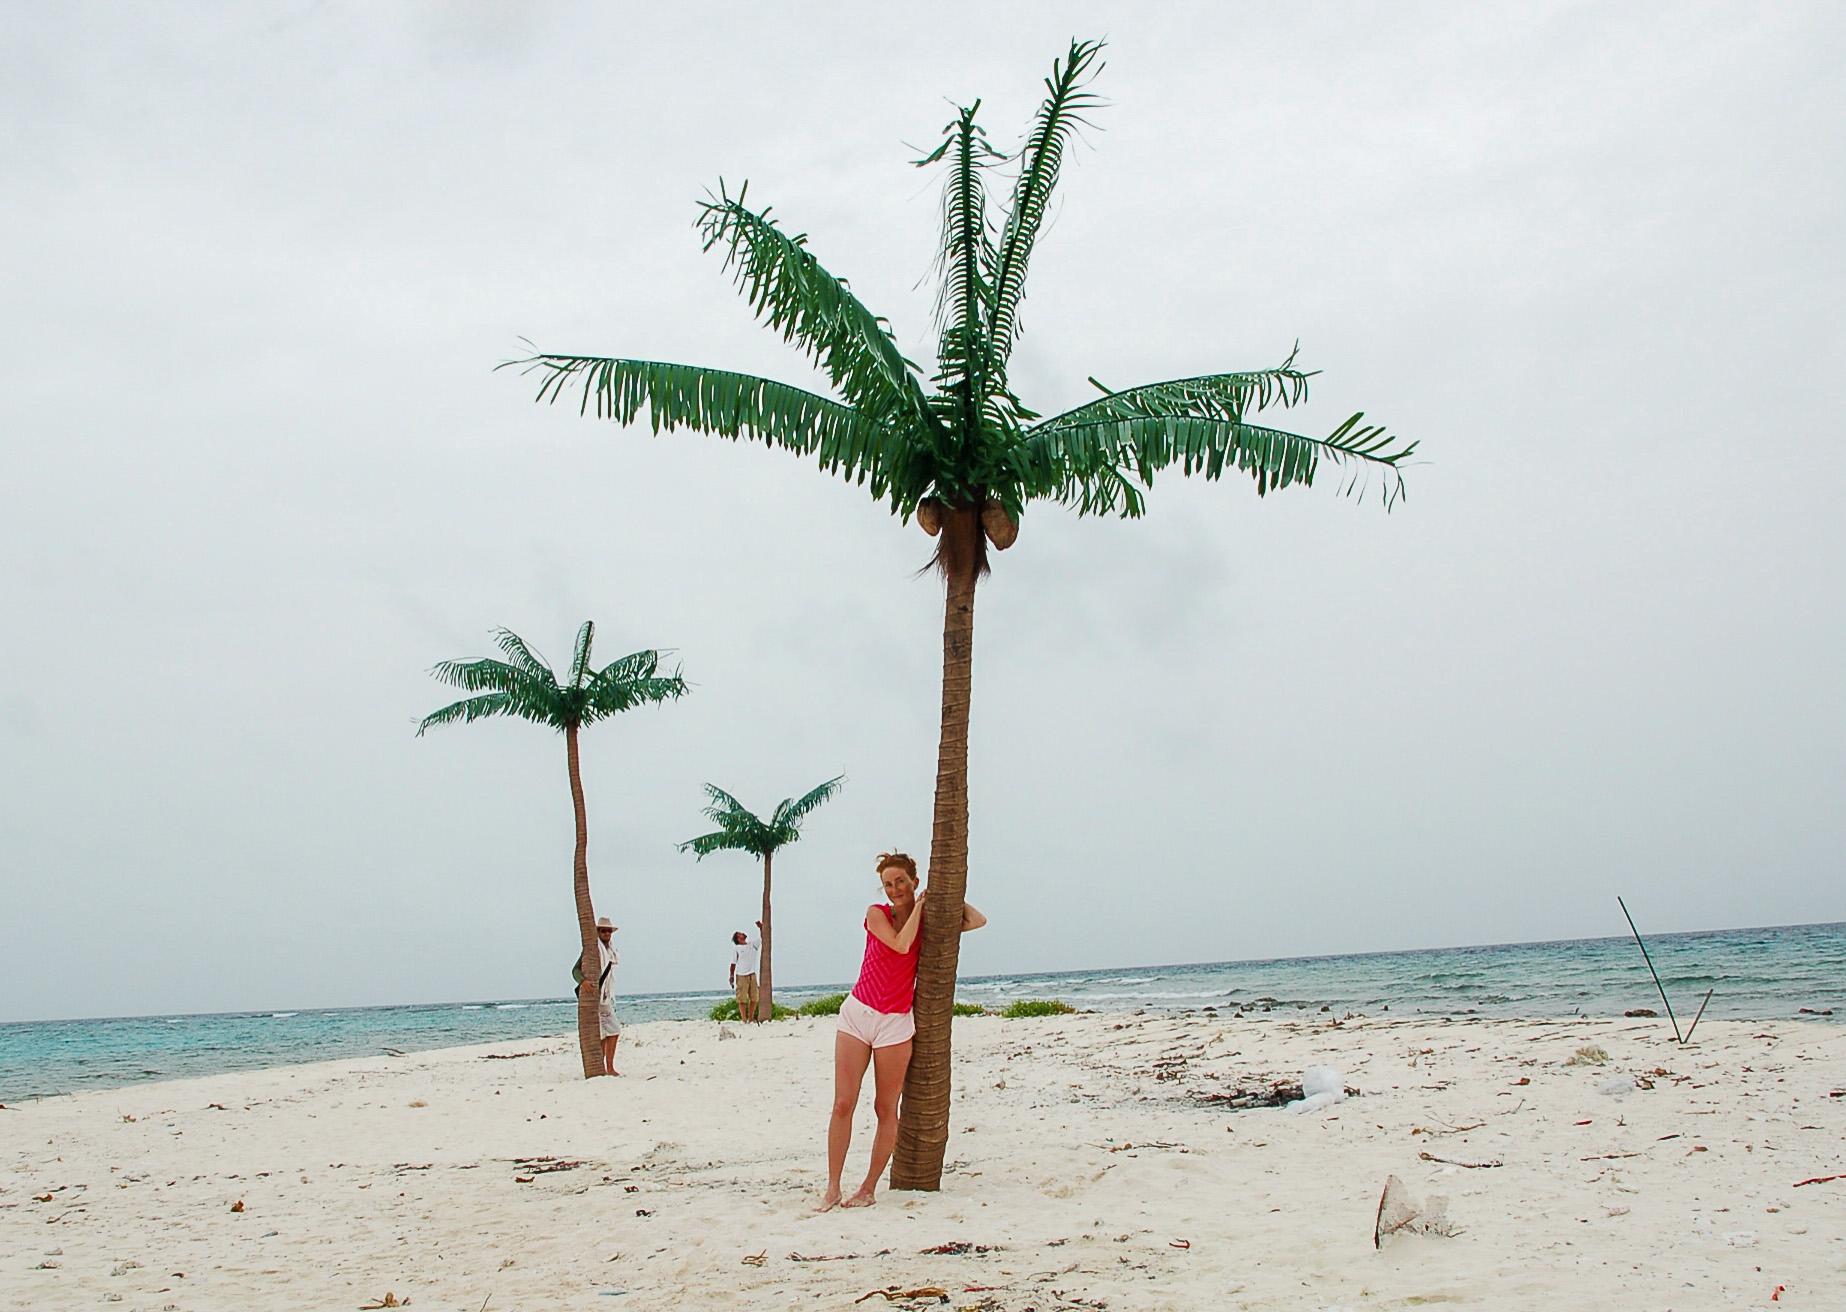 Drei Menschen auf einer einsamen Insel der British Virgin Islands lehnen an Palmen